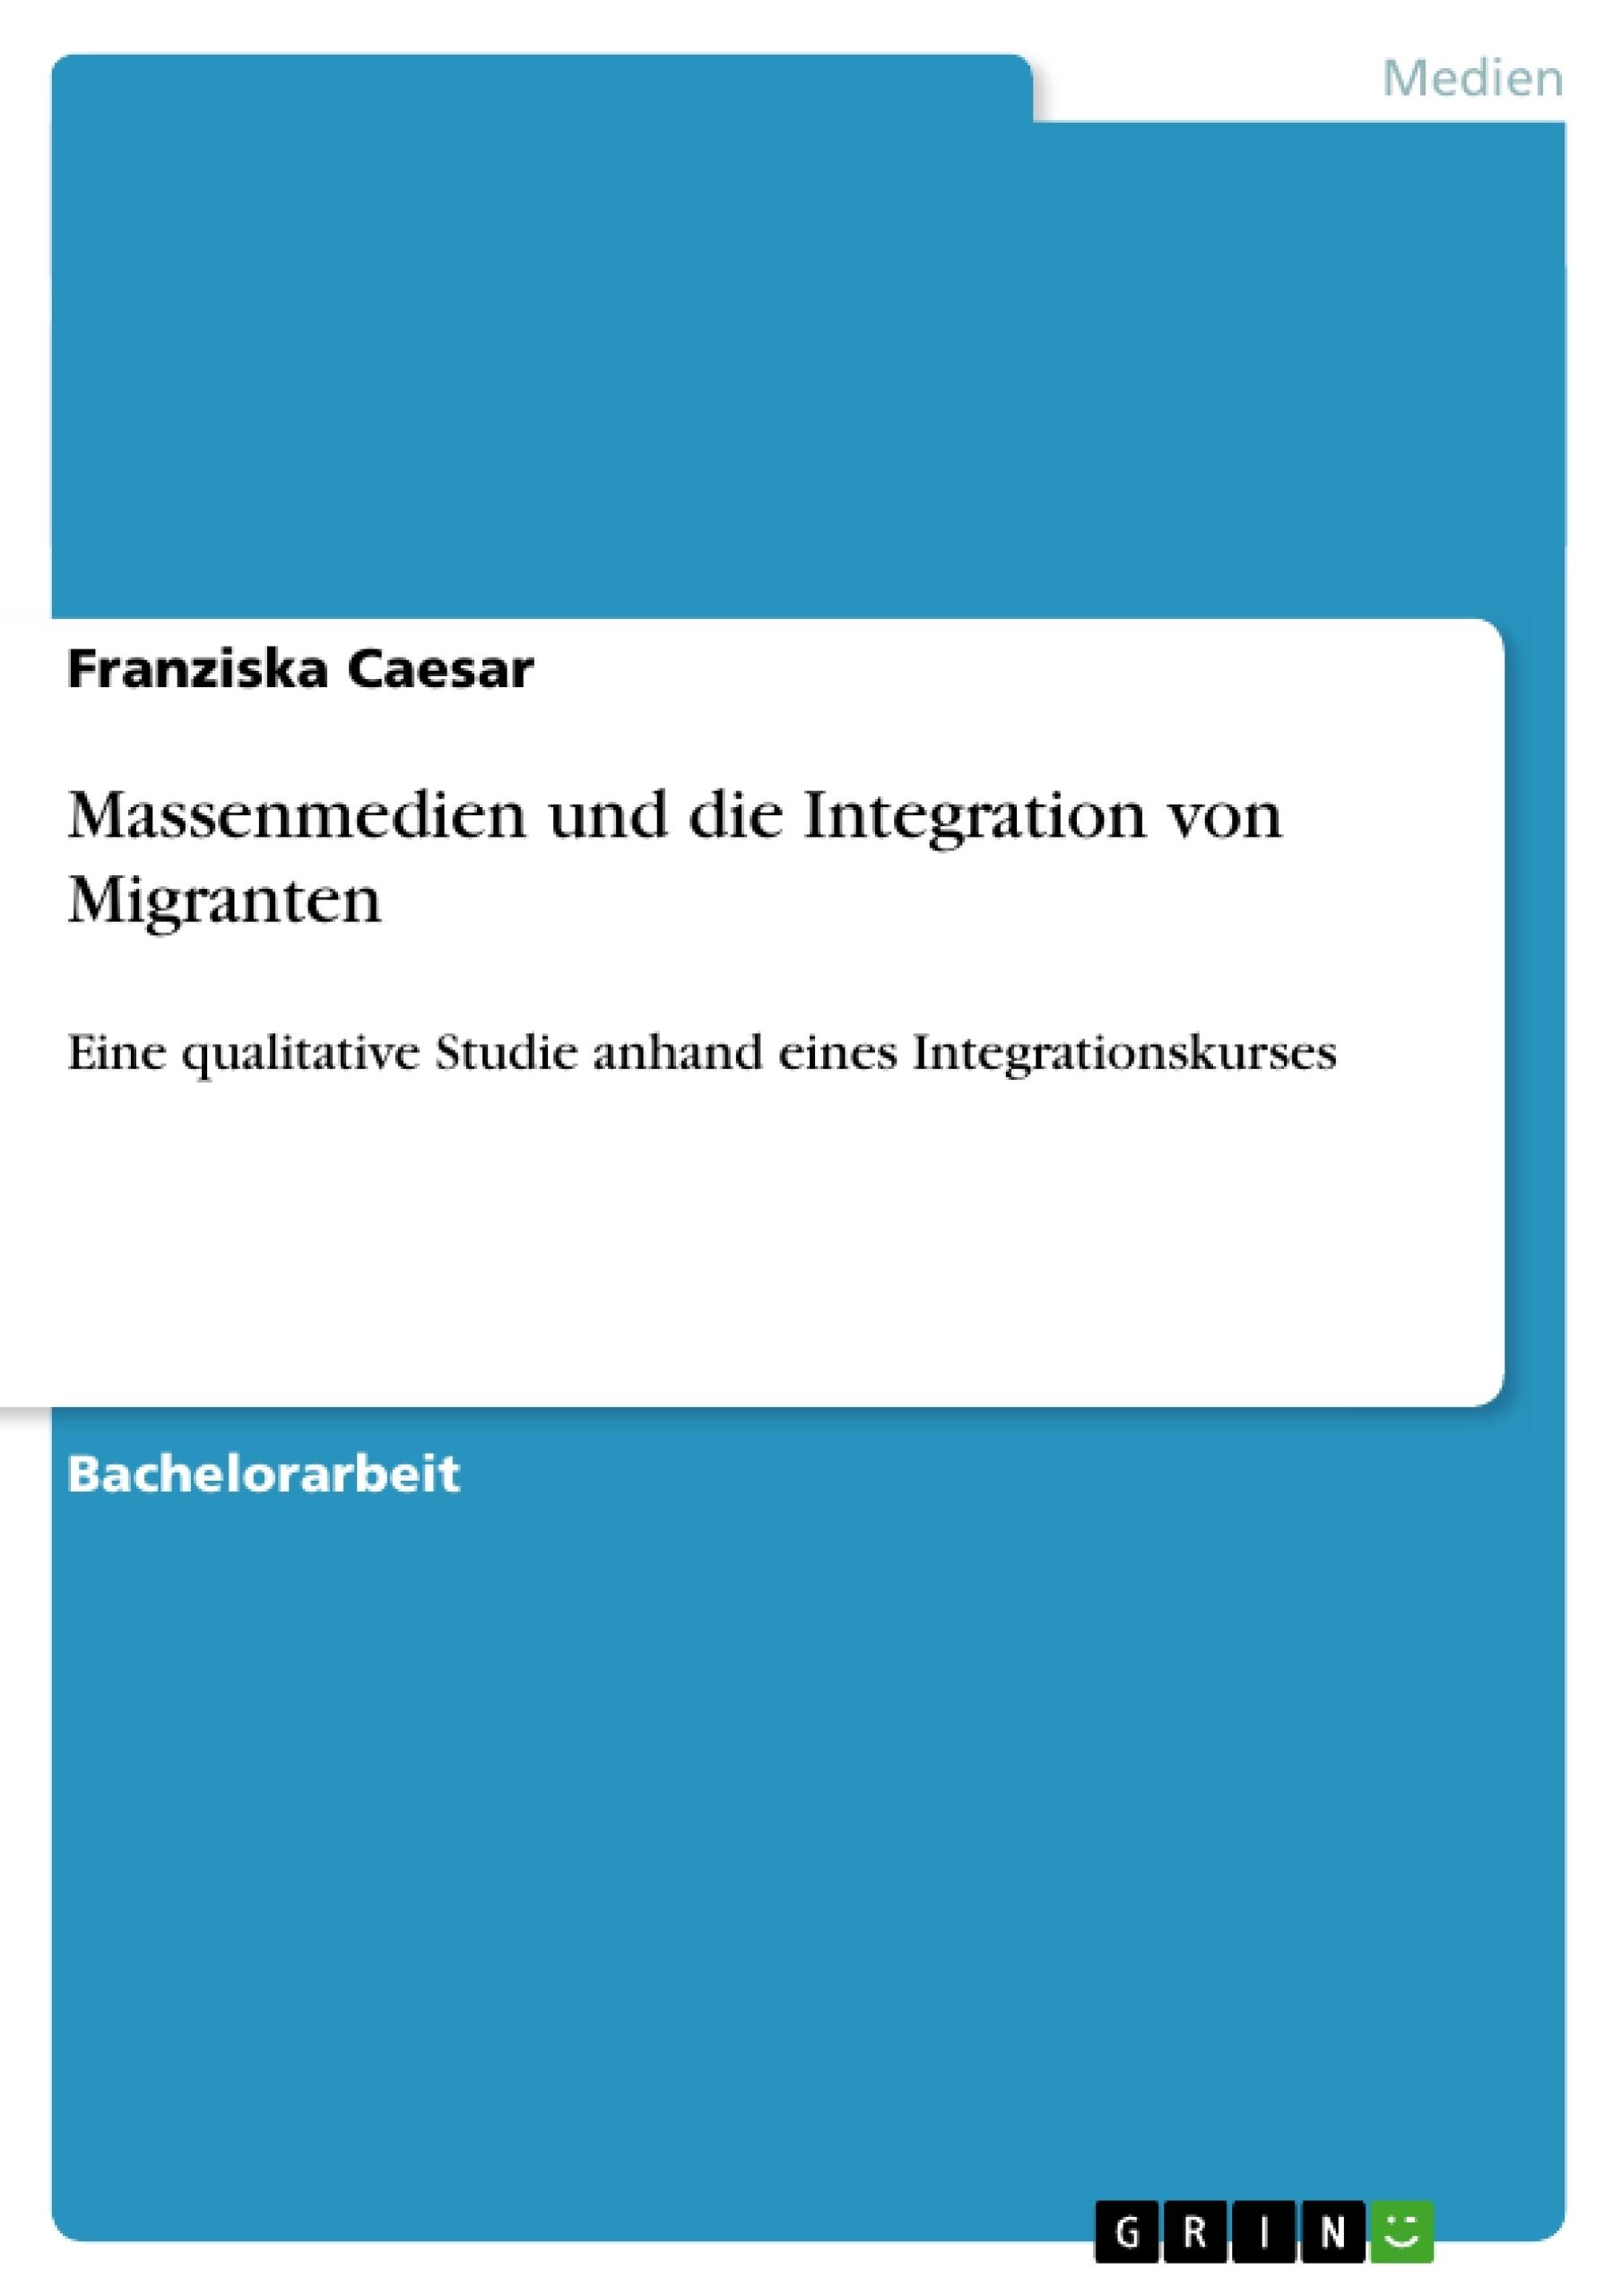 Titel: Massenmedien und die Integration von Migranten